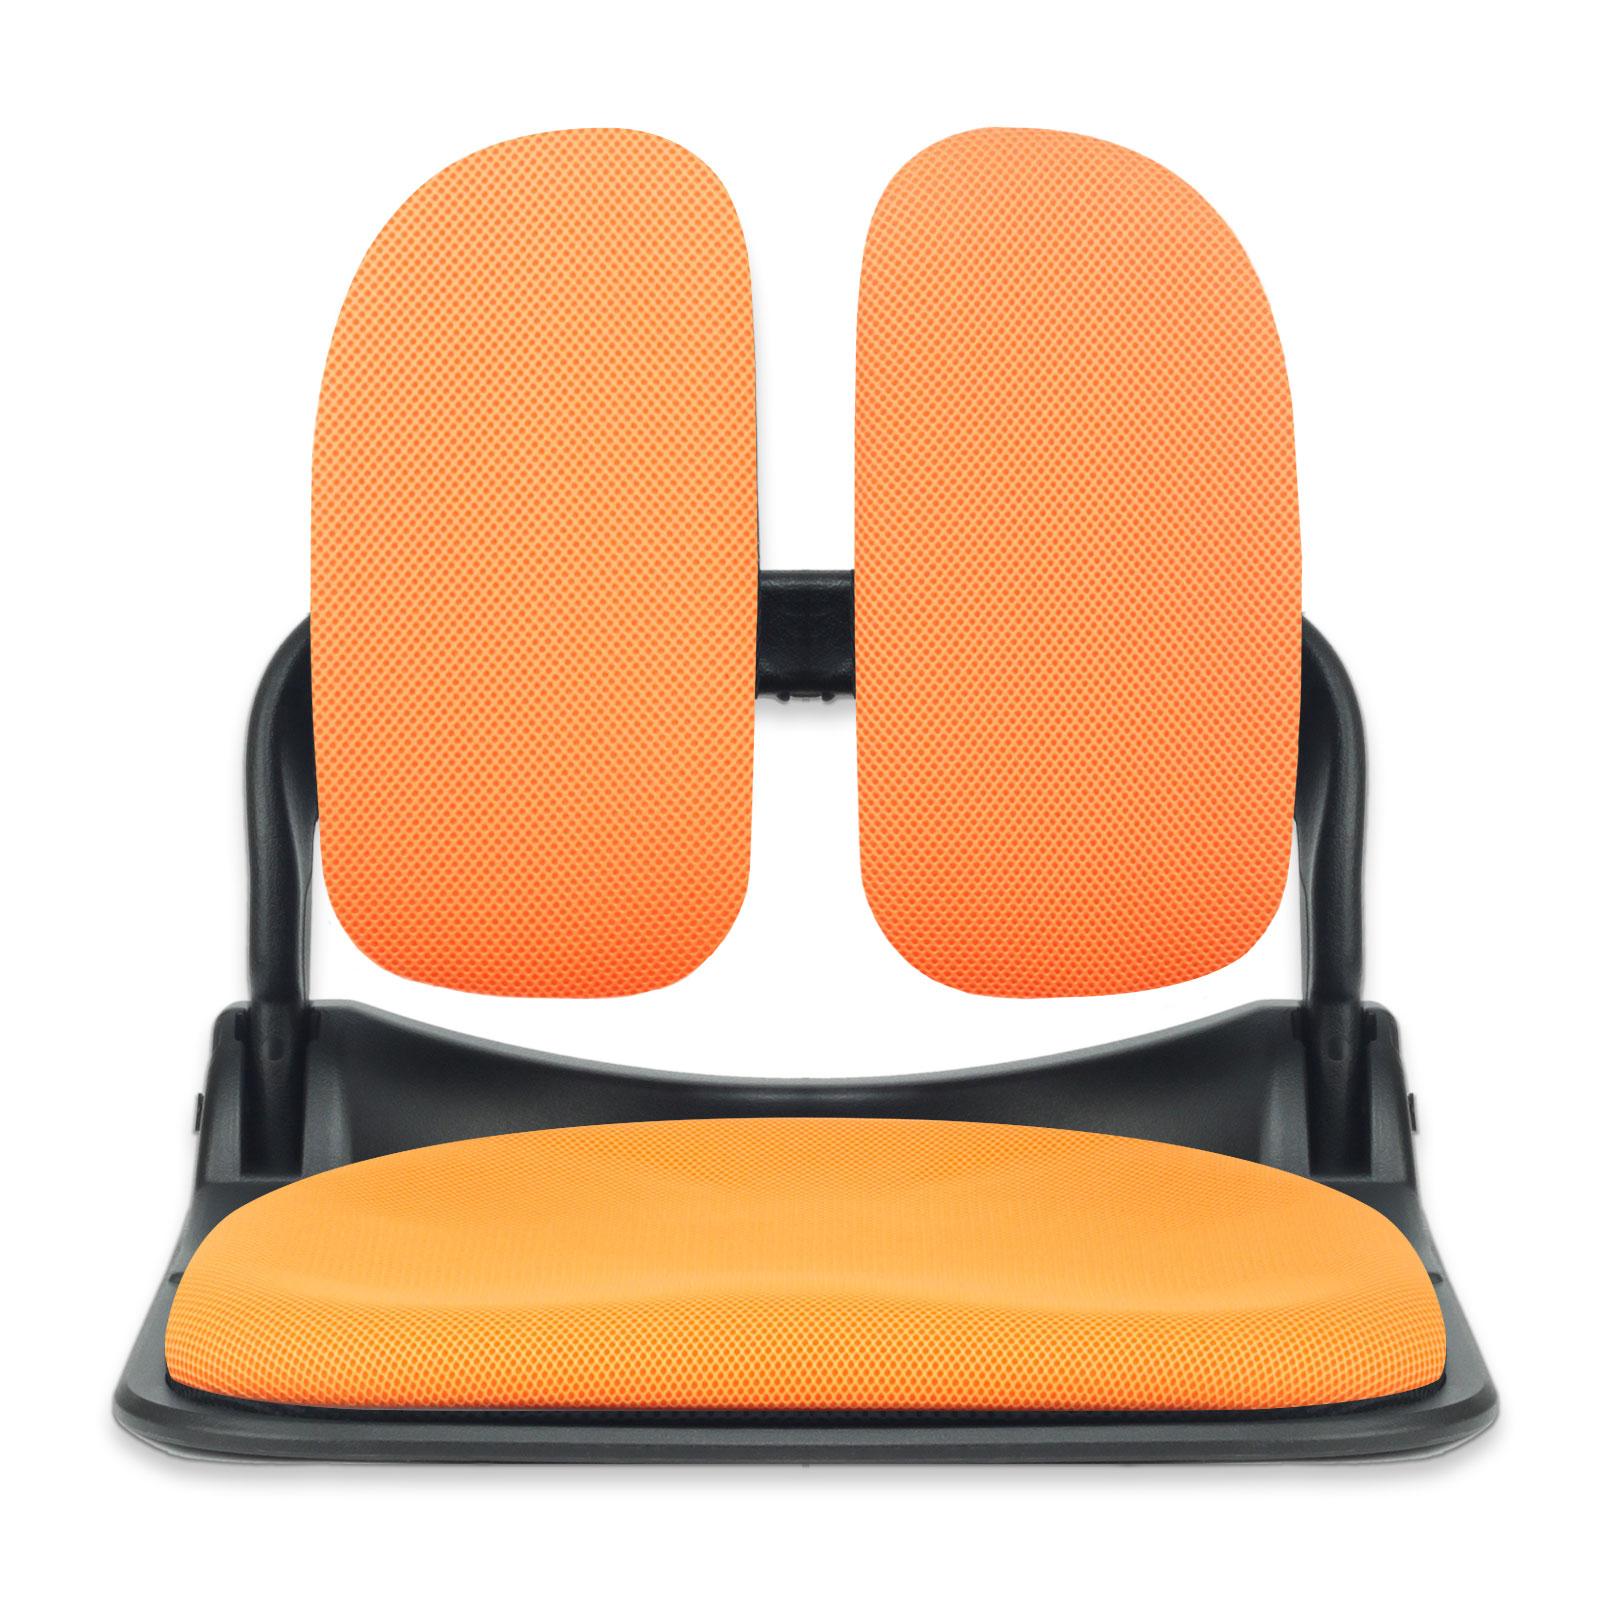 이편한의자 블랙프레임 접이식 듀얼 메쉬 좌식의자, 오렌지